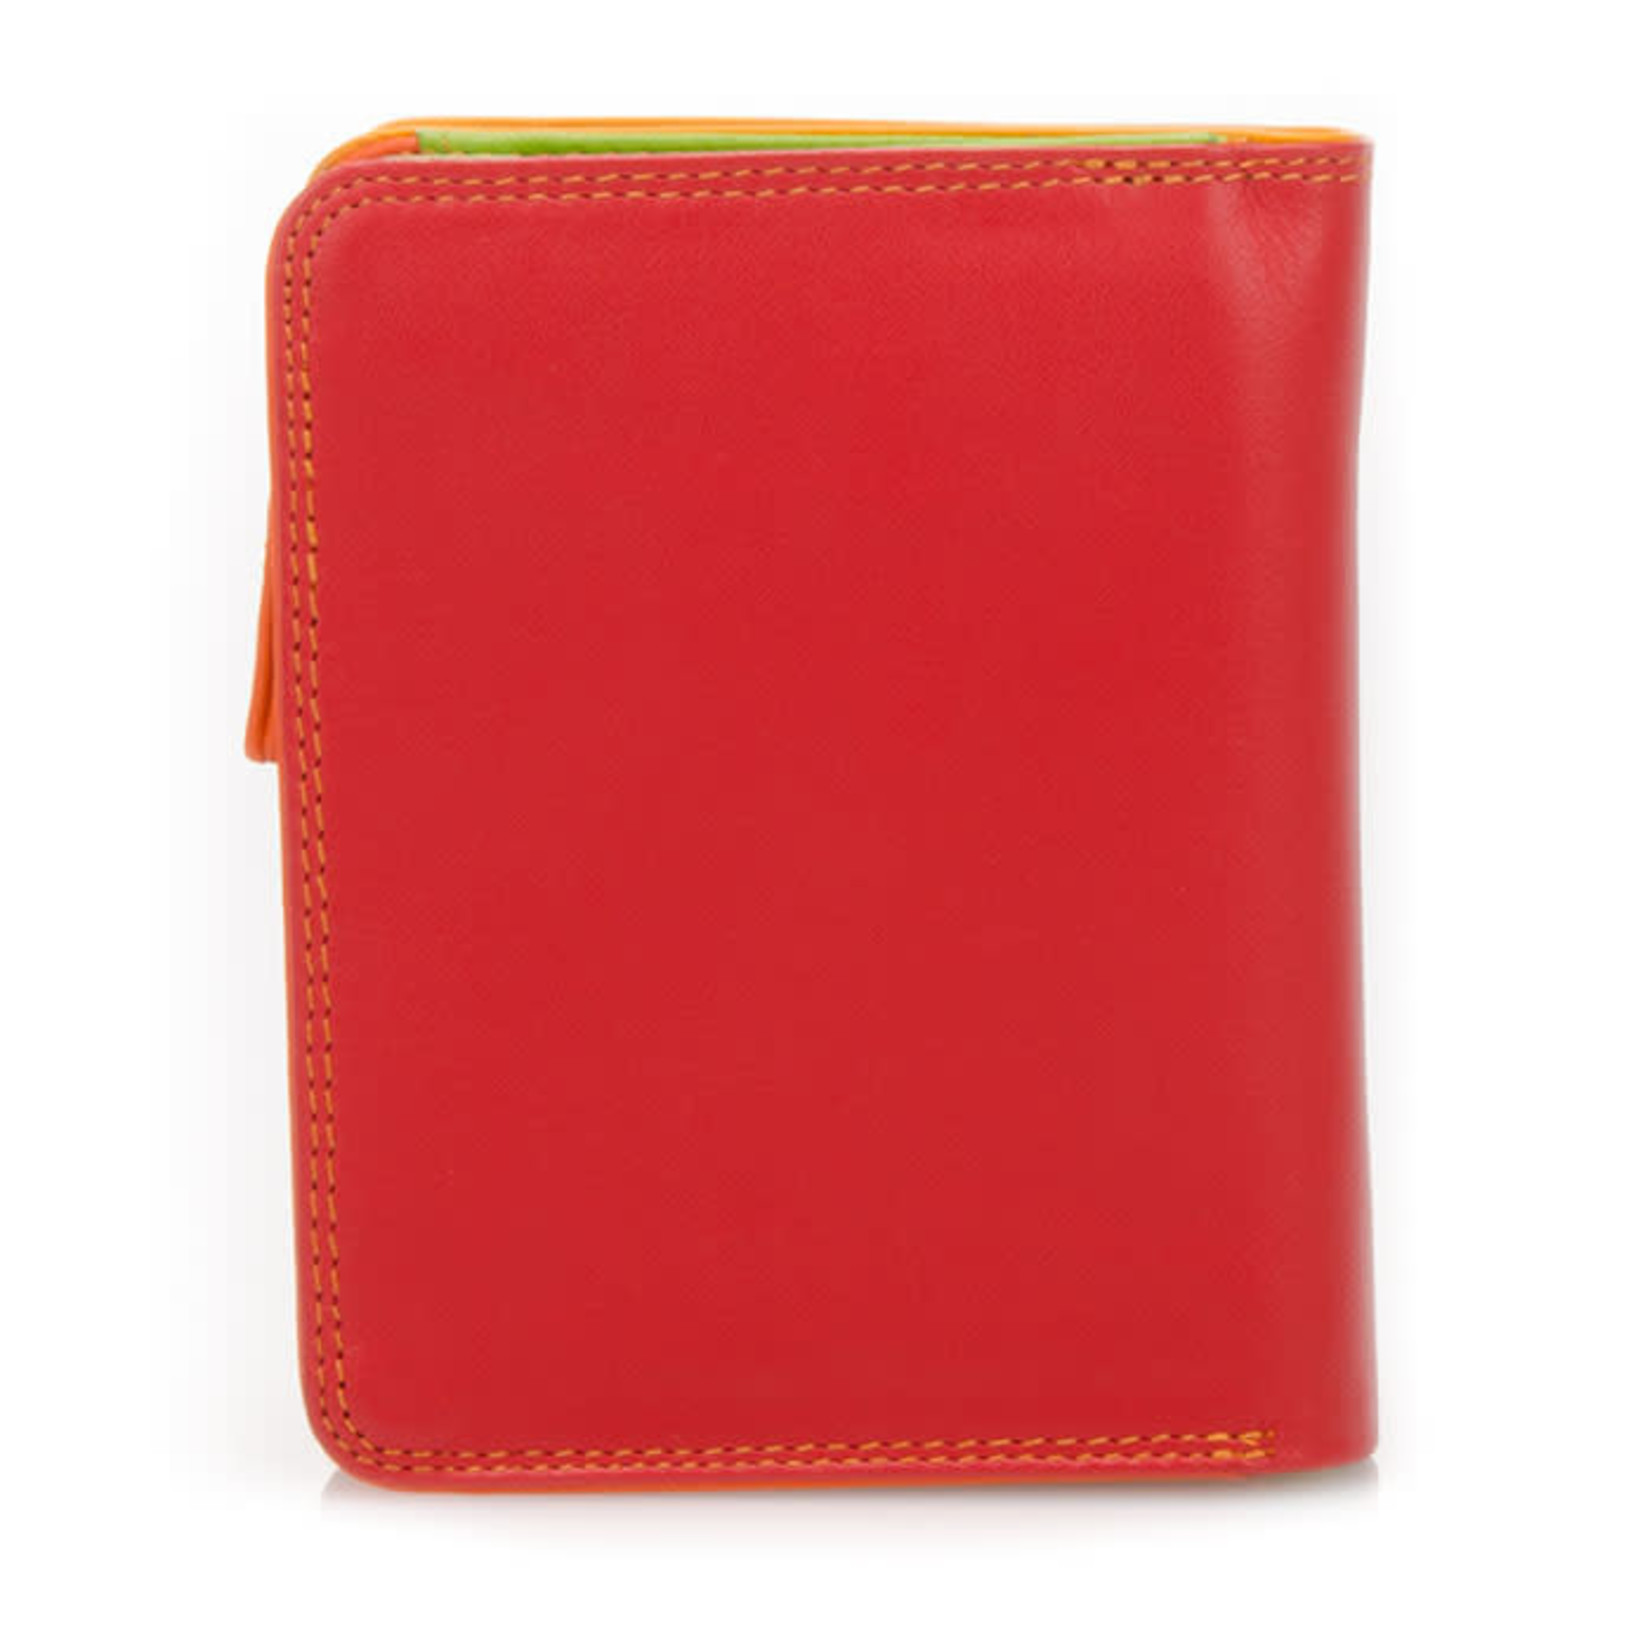 MyWalit Medium Wallet w/Zip Around Purse Jamaica